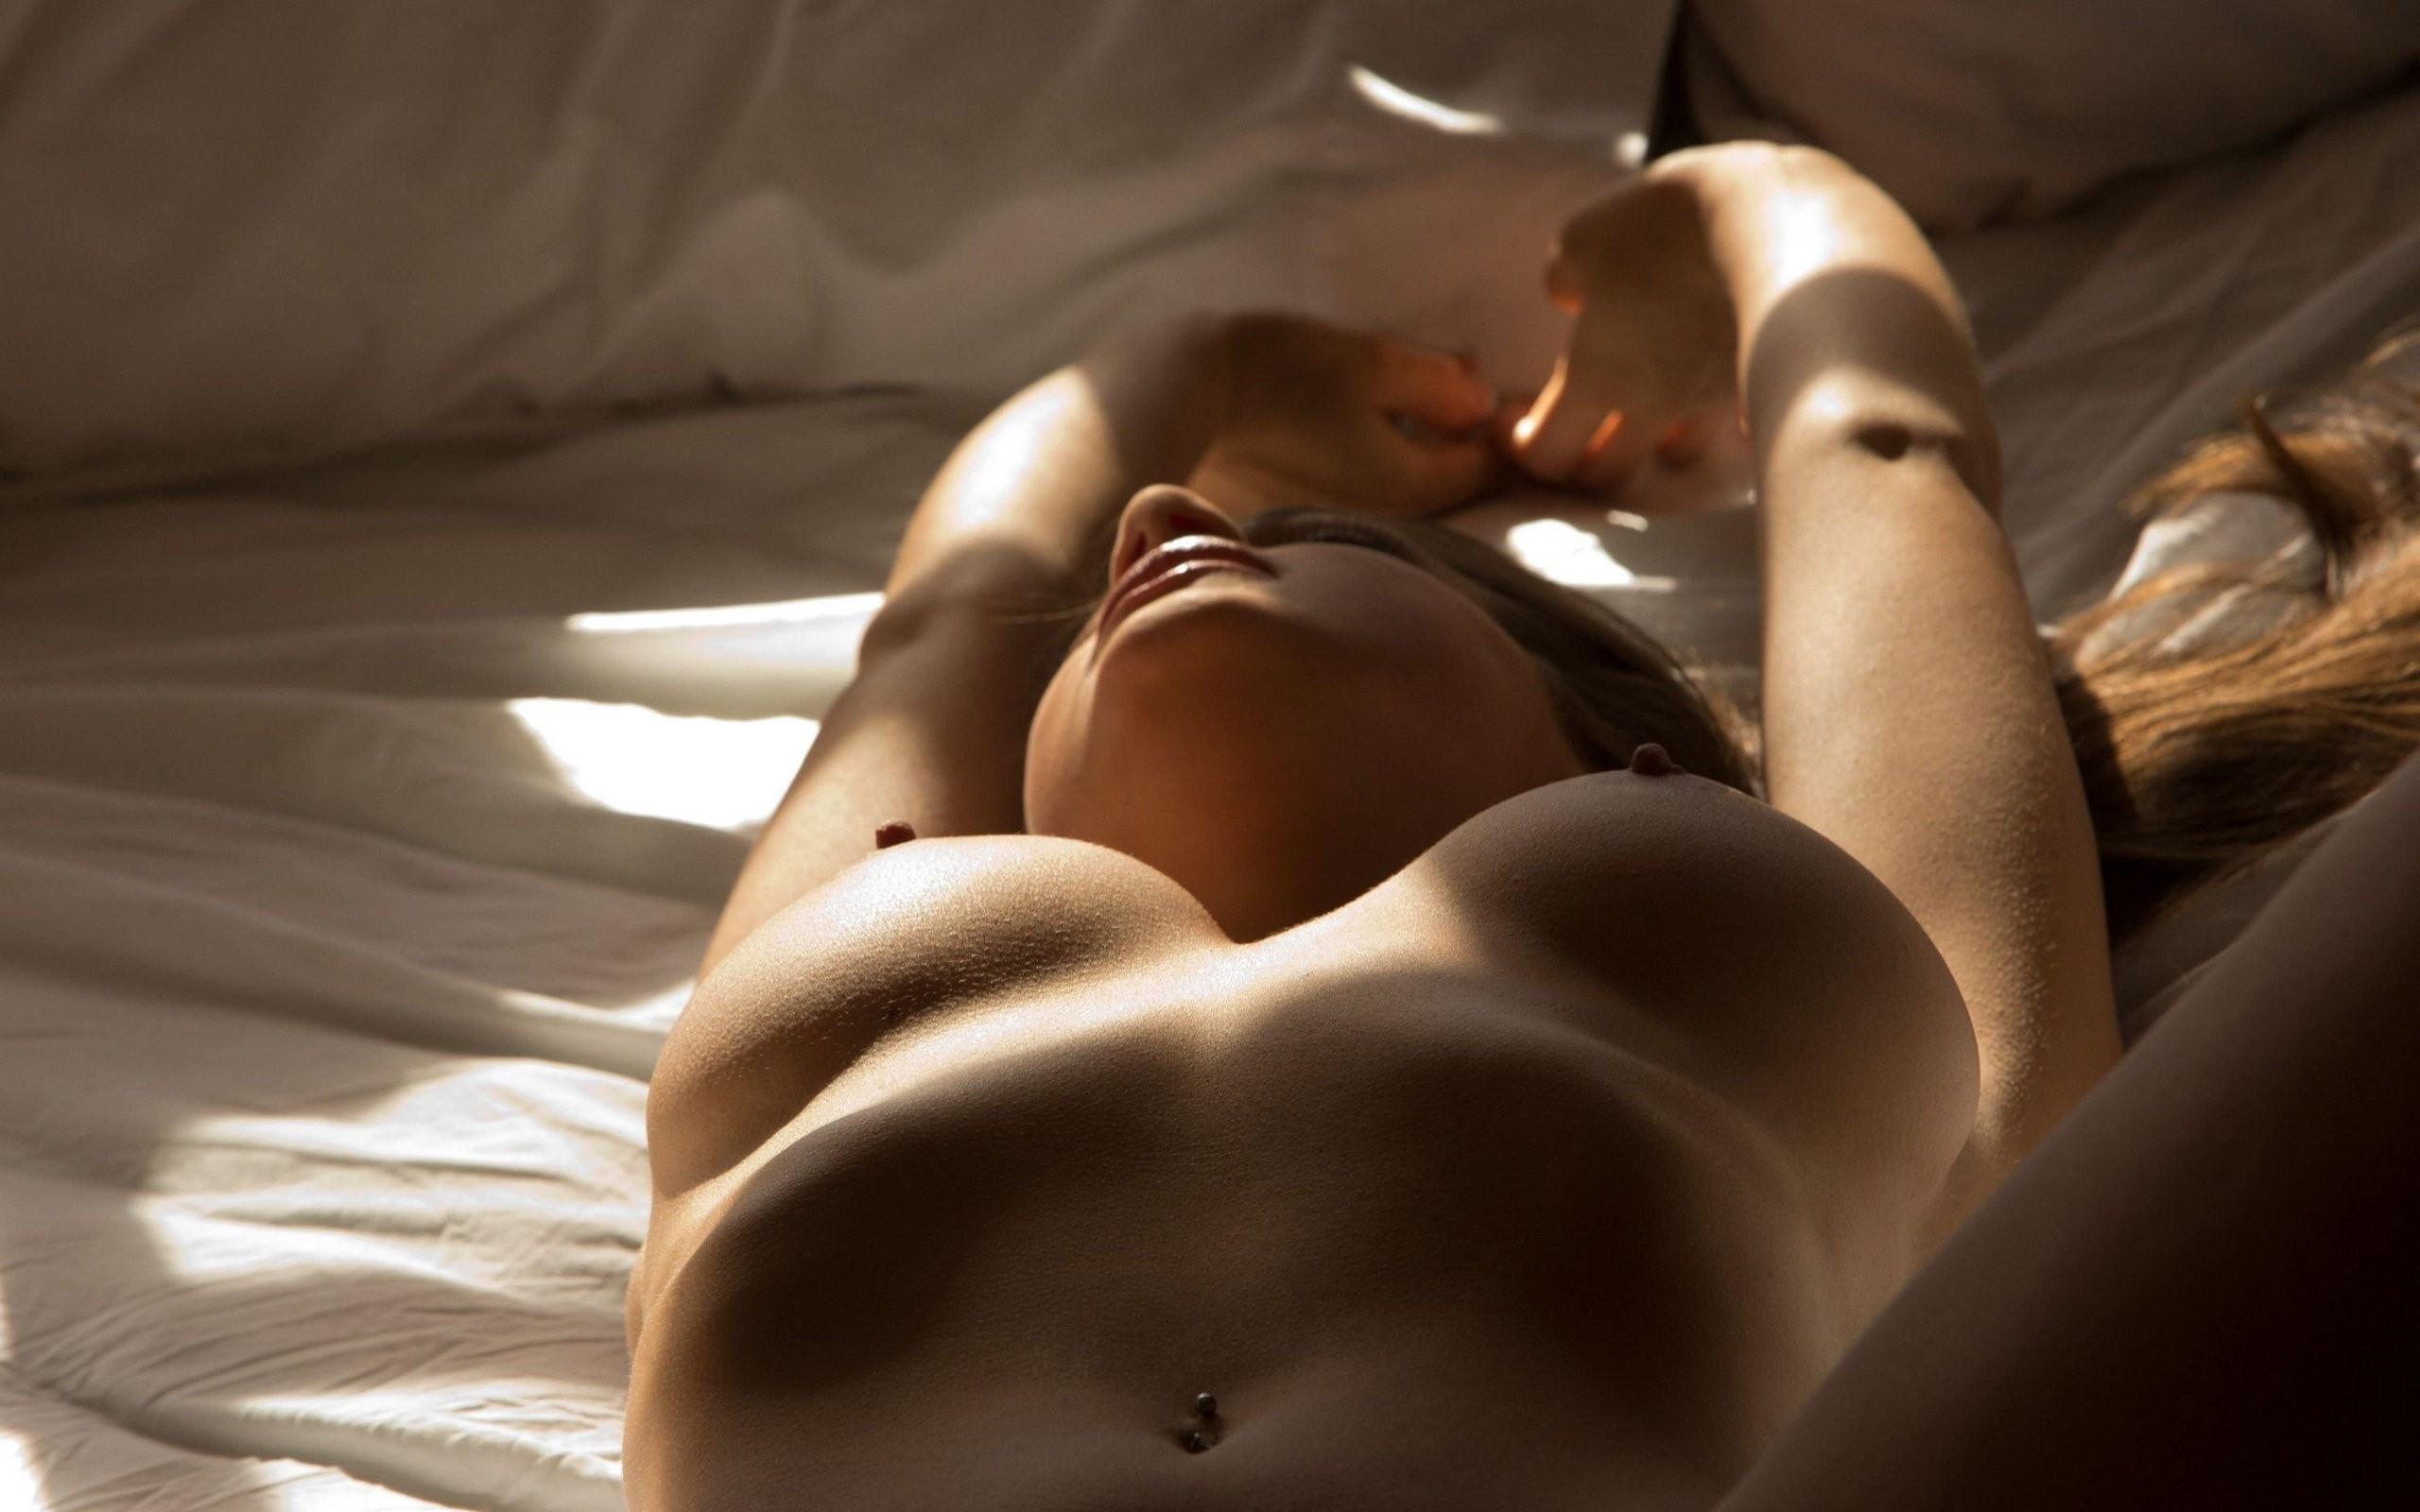 Фото голых красивых девушек в постели 5 фотография